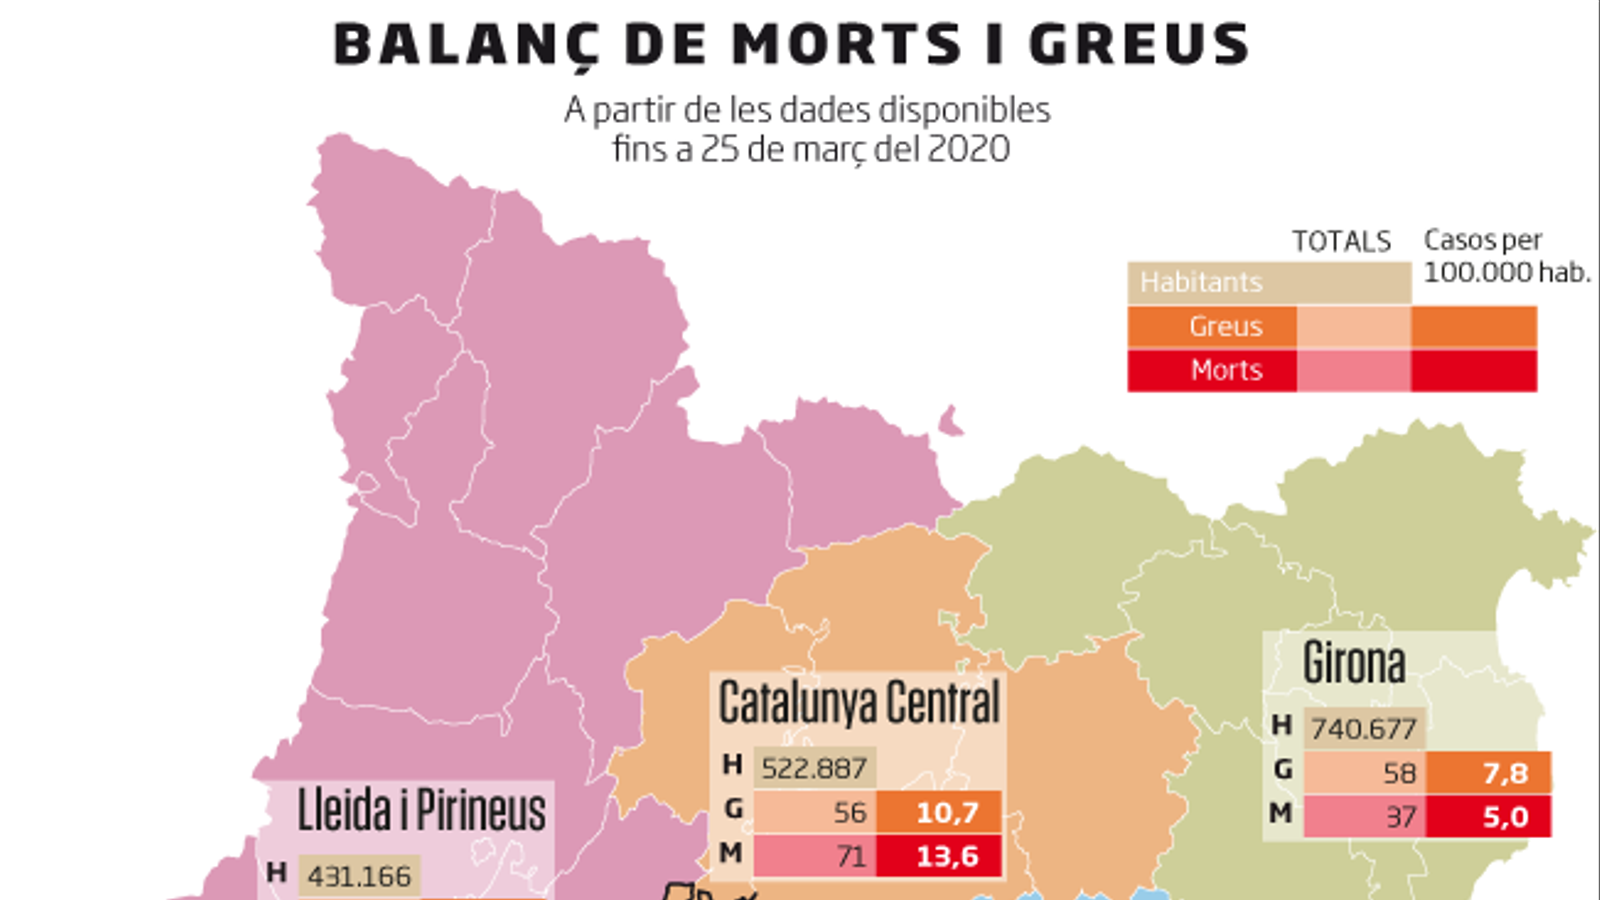 Catalunya registra la xifra més alta de morts, 208, i arriba als 880